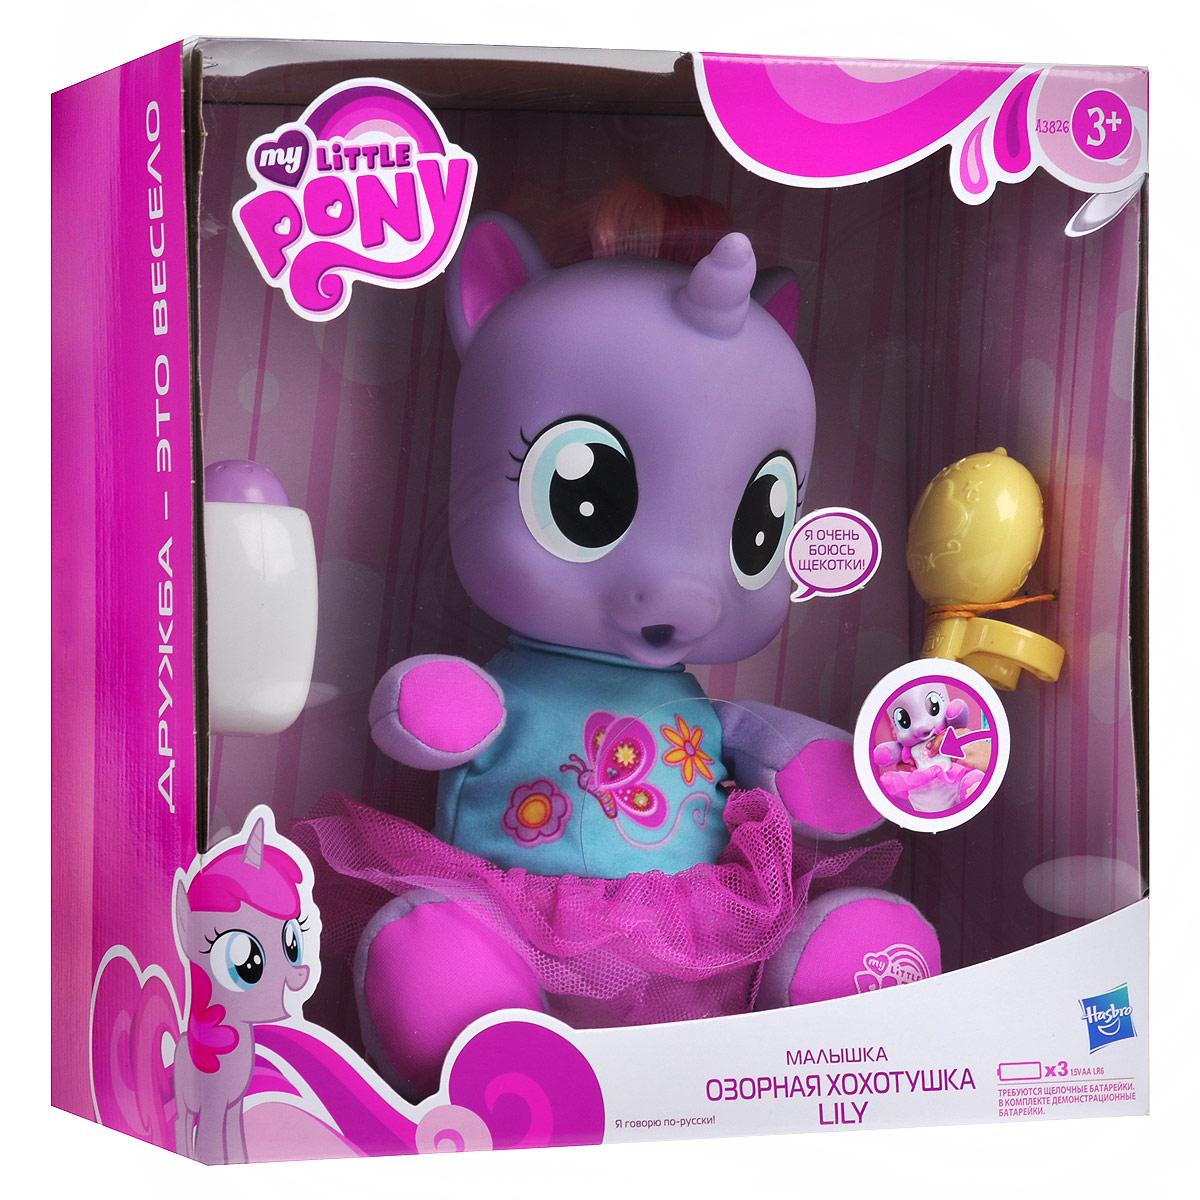 My Little Pony ������� ������� ���� � ������������